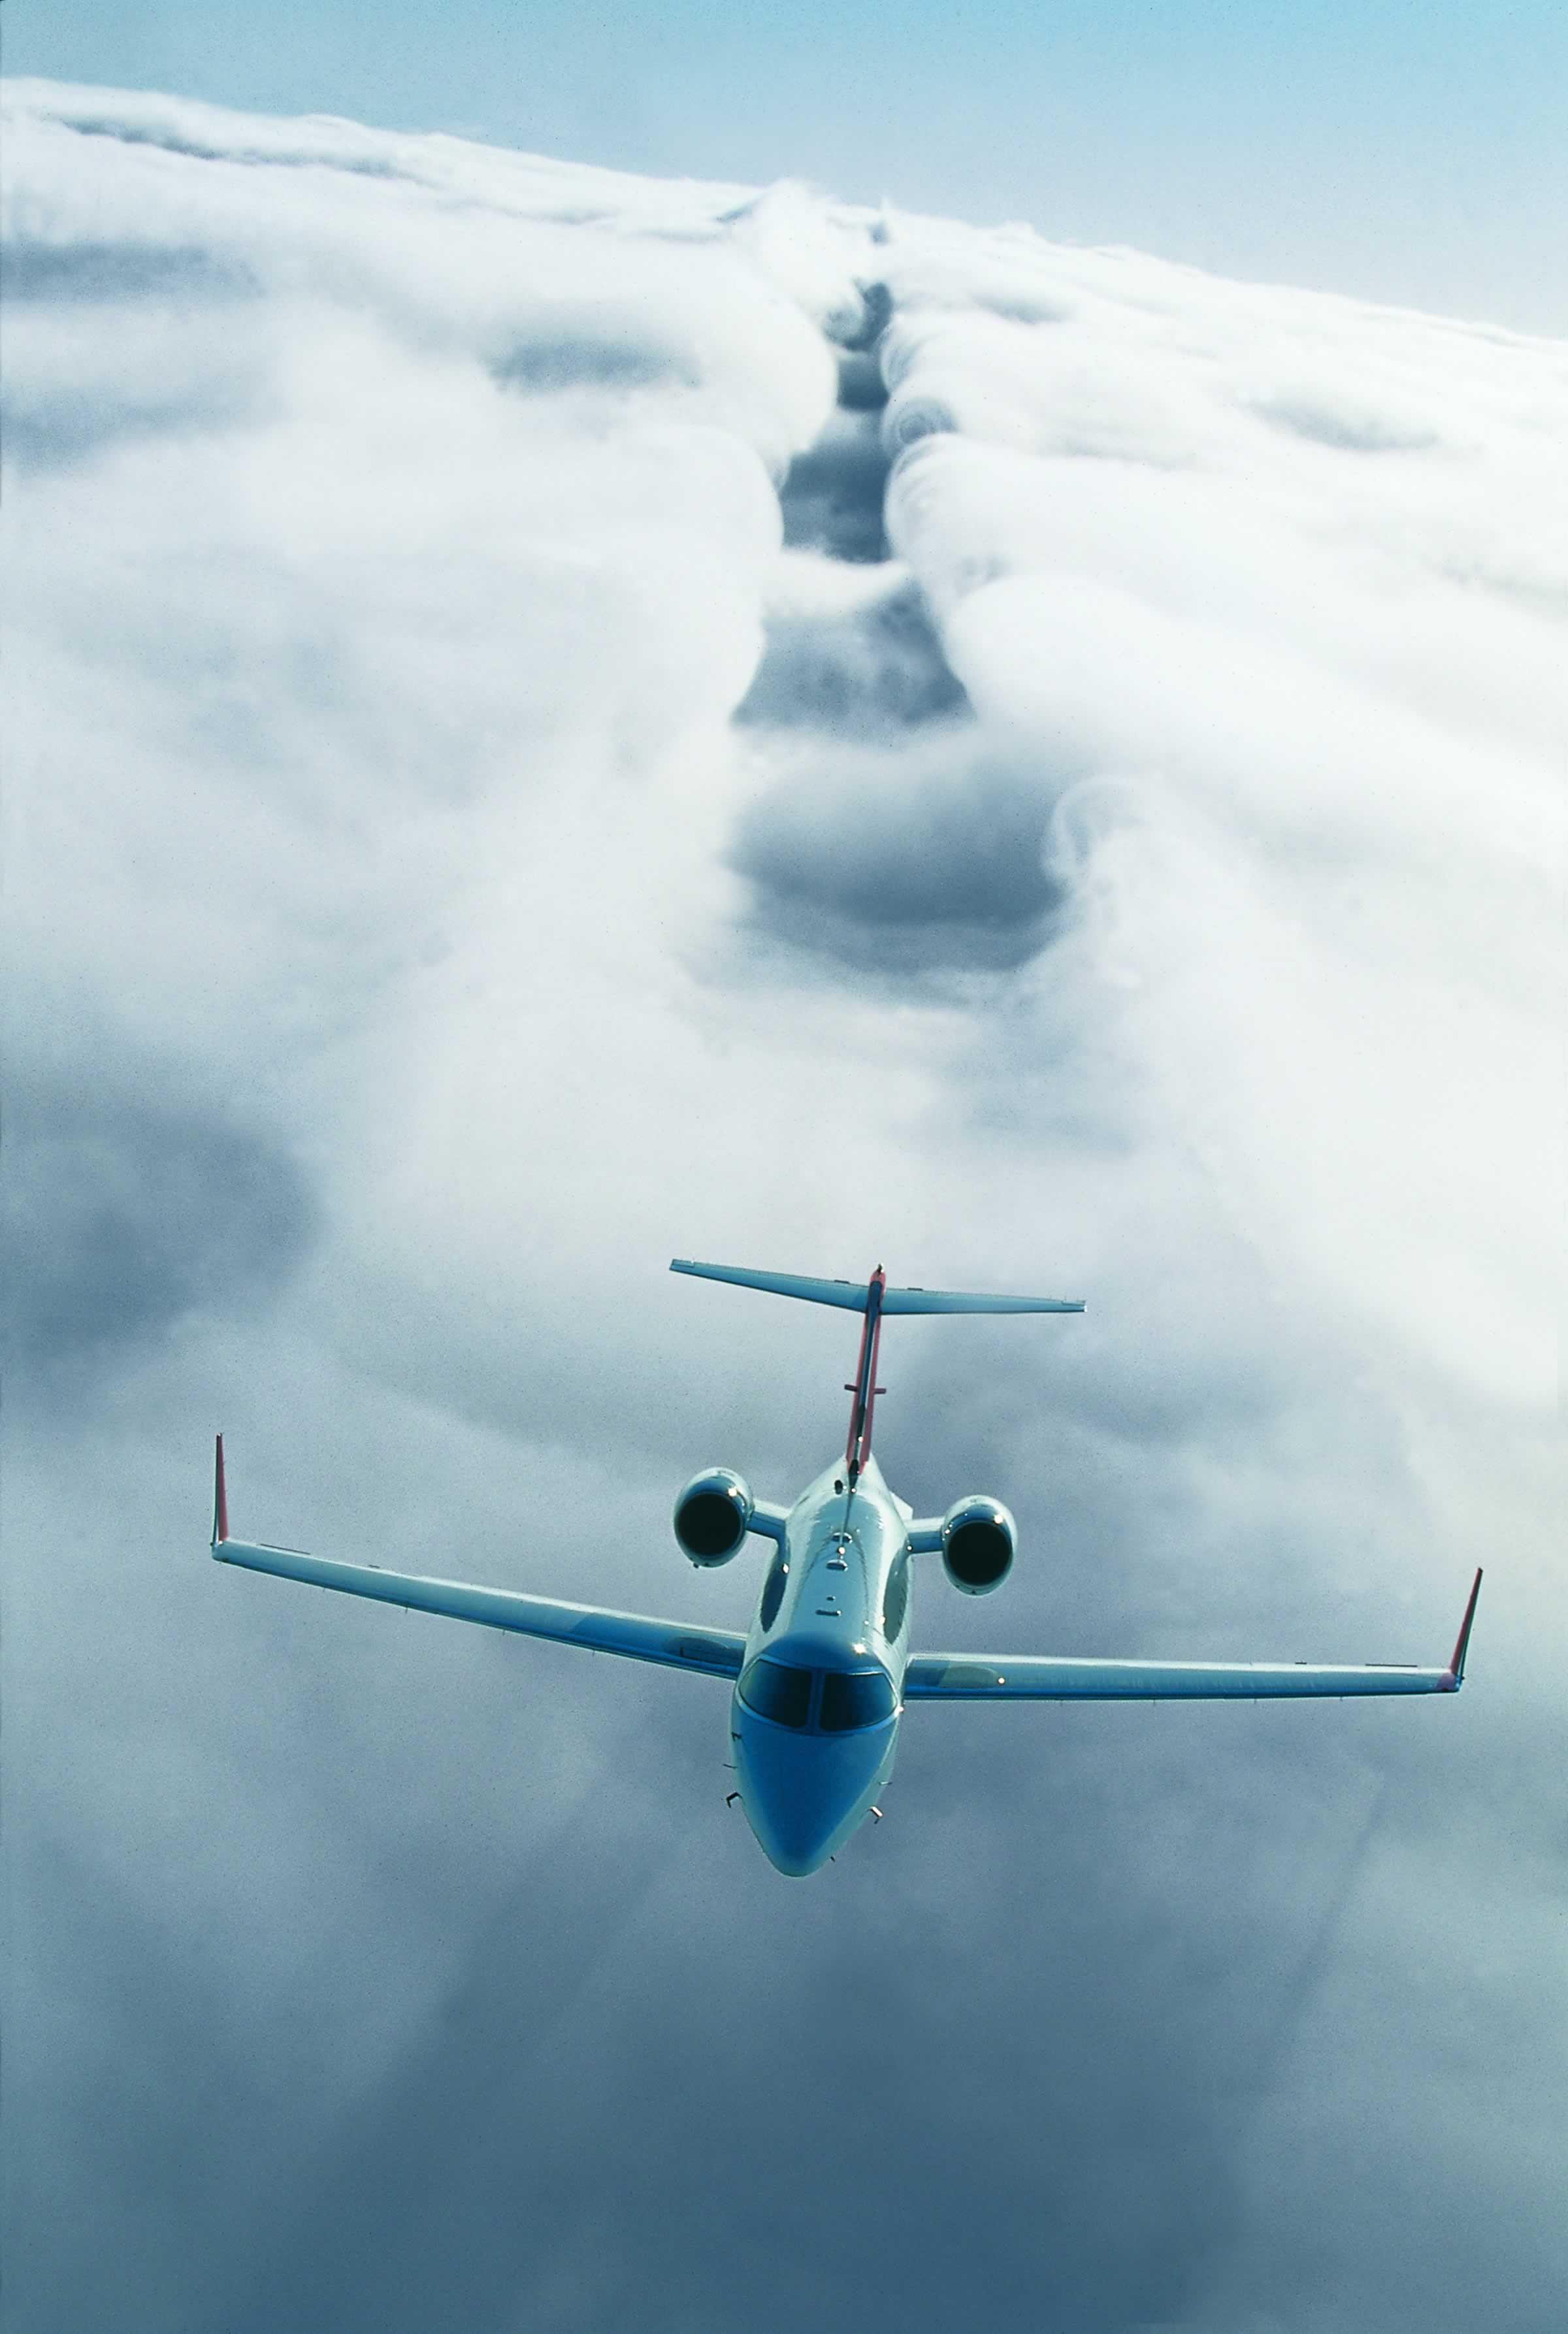 Learjet 40 XR in flight 2.jpg